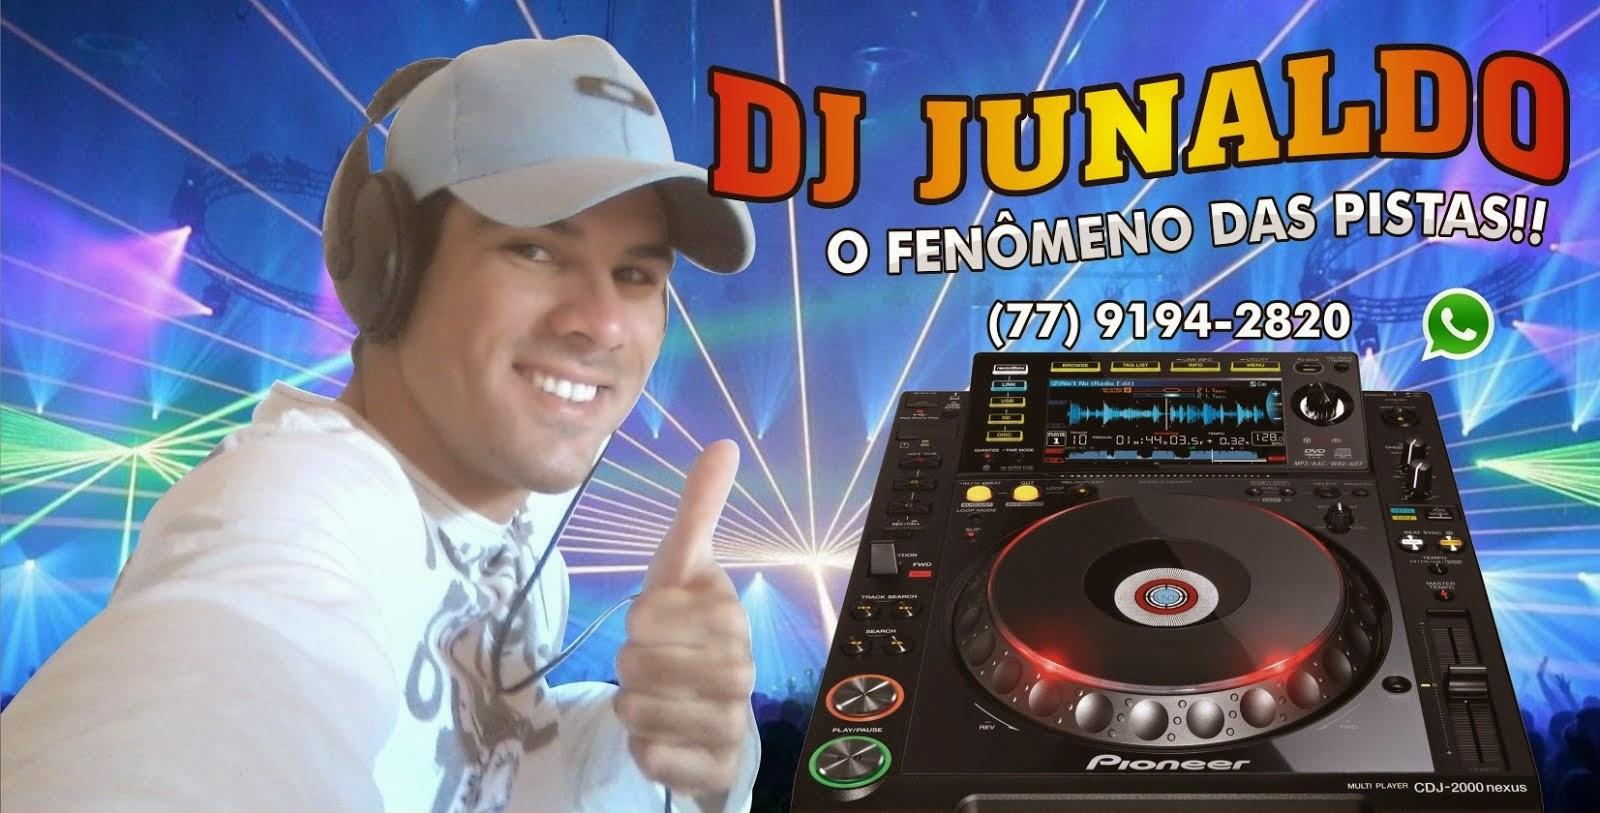 Dj Junaldo